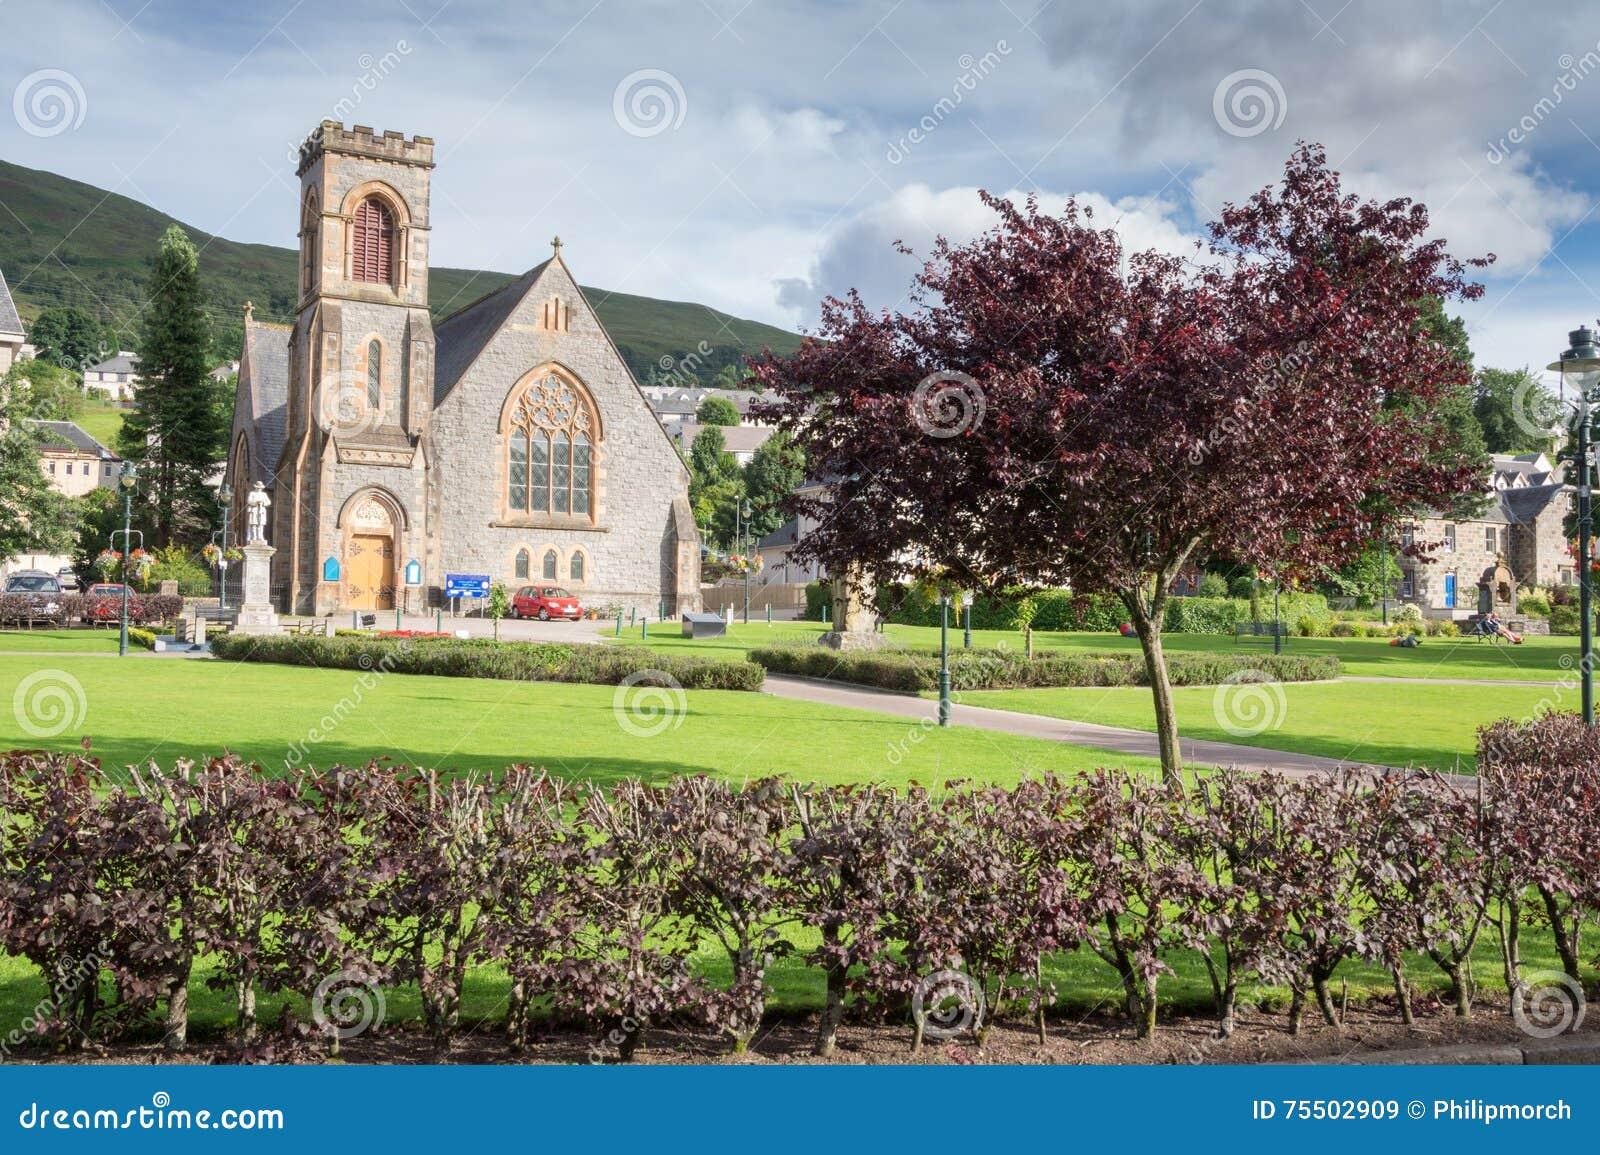 Park in Fort William, Scotland